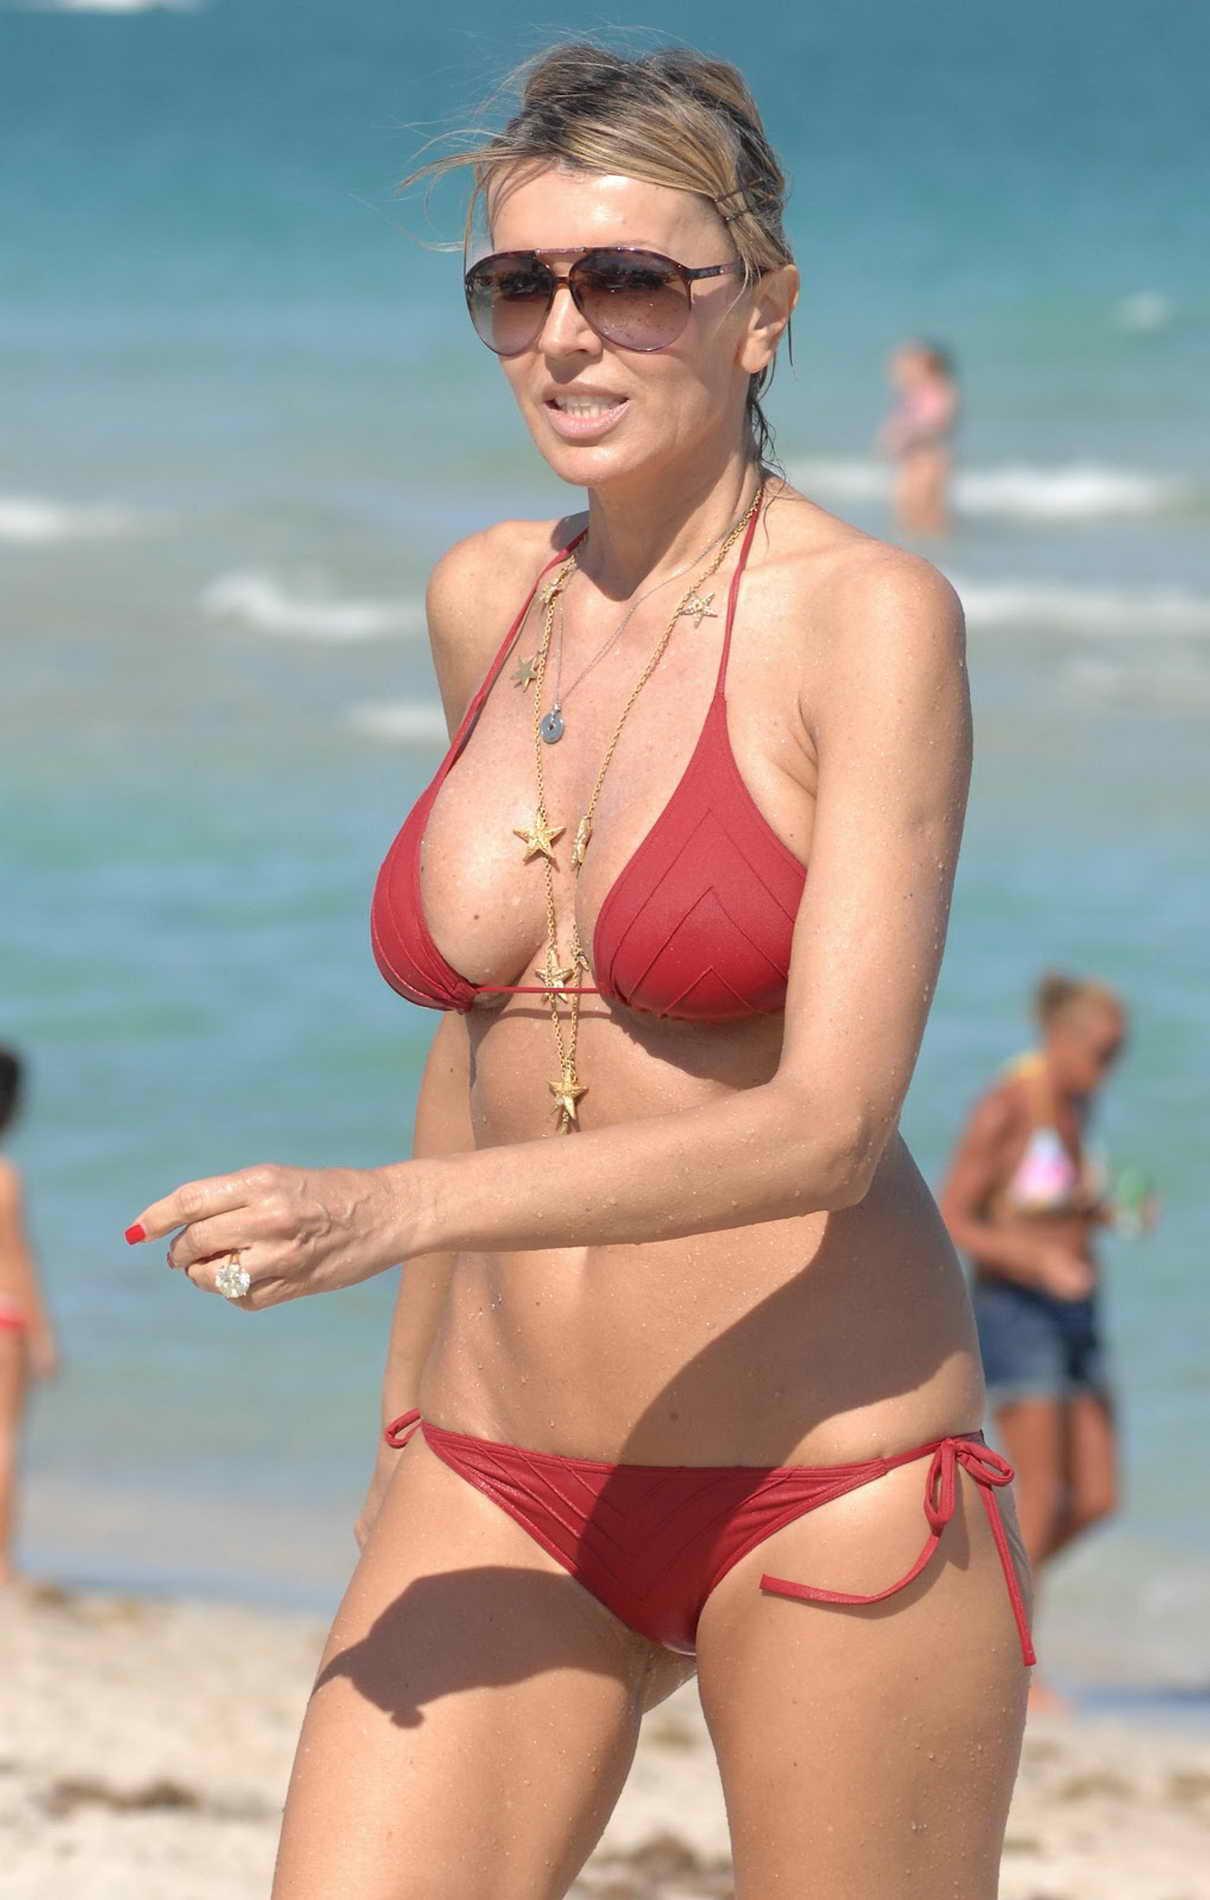 rusic miami Rita bikini